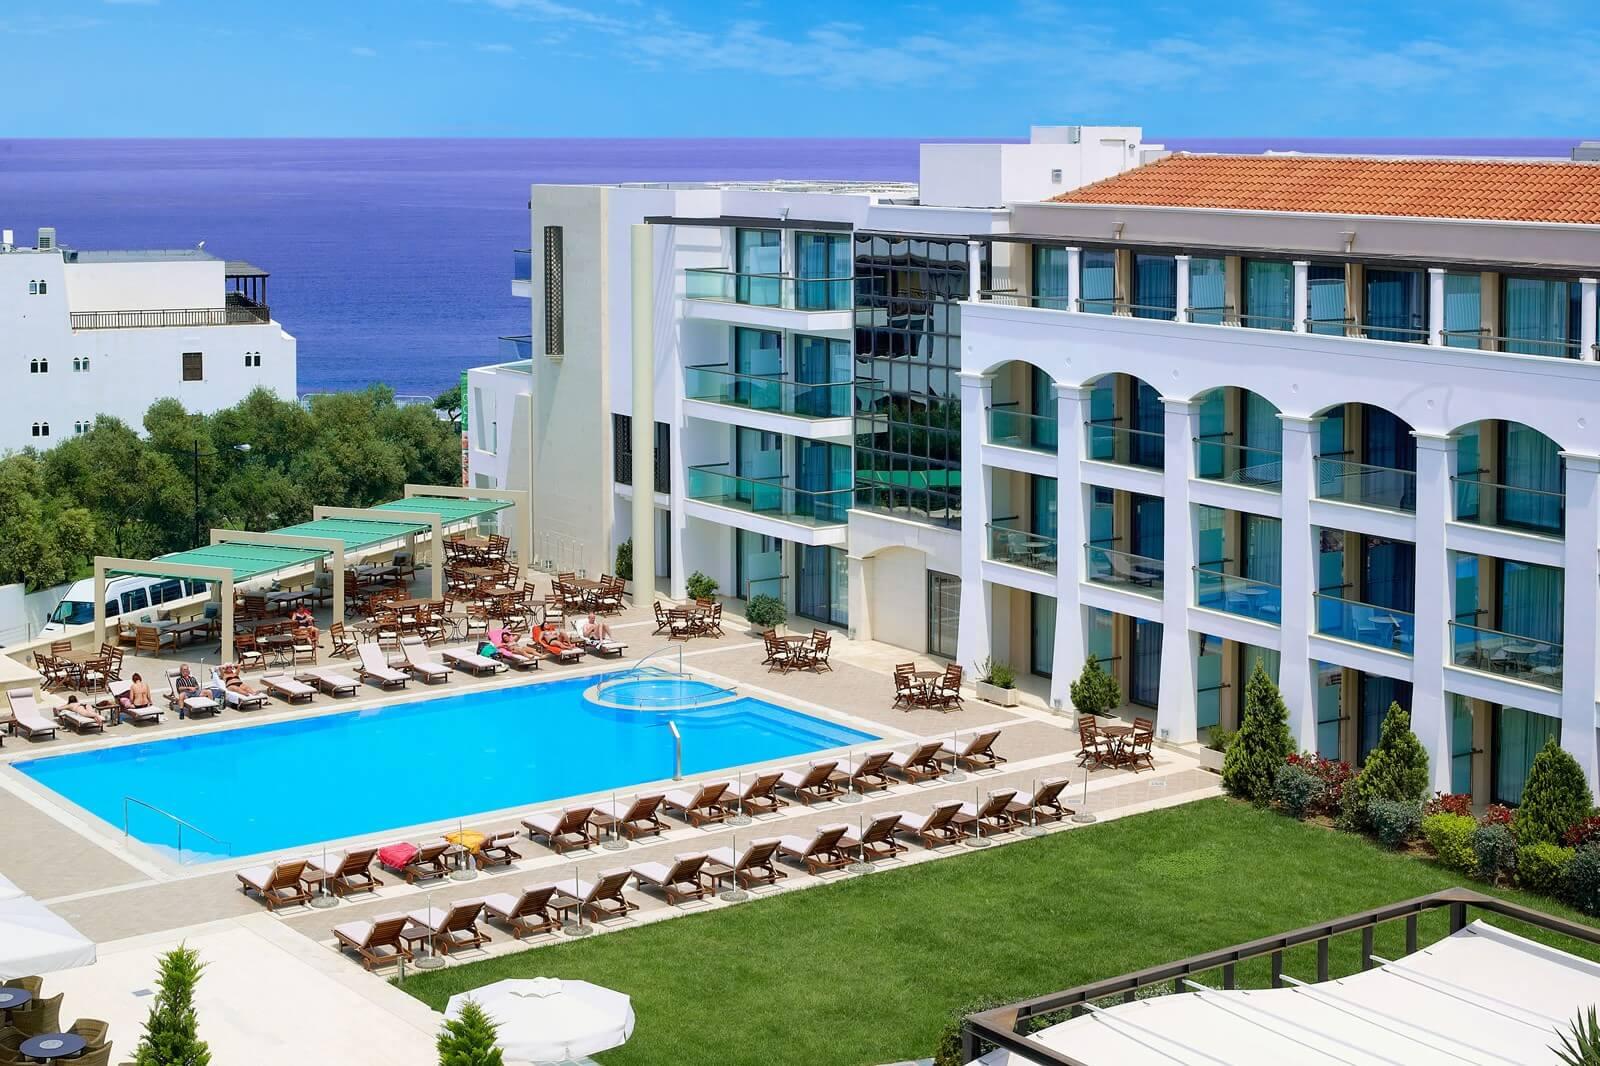 Пятизвездочный отель Albatros Spa & Resort Hotel